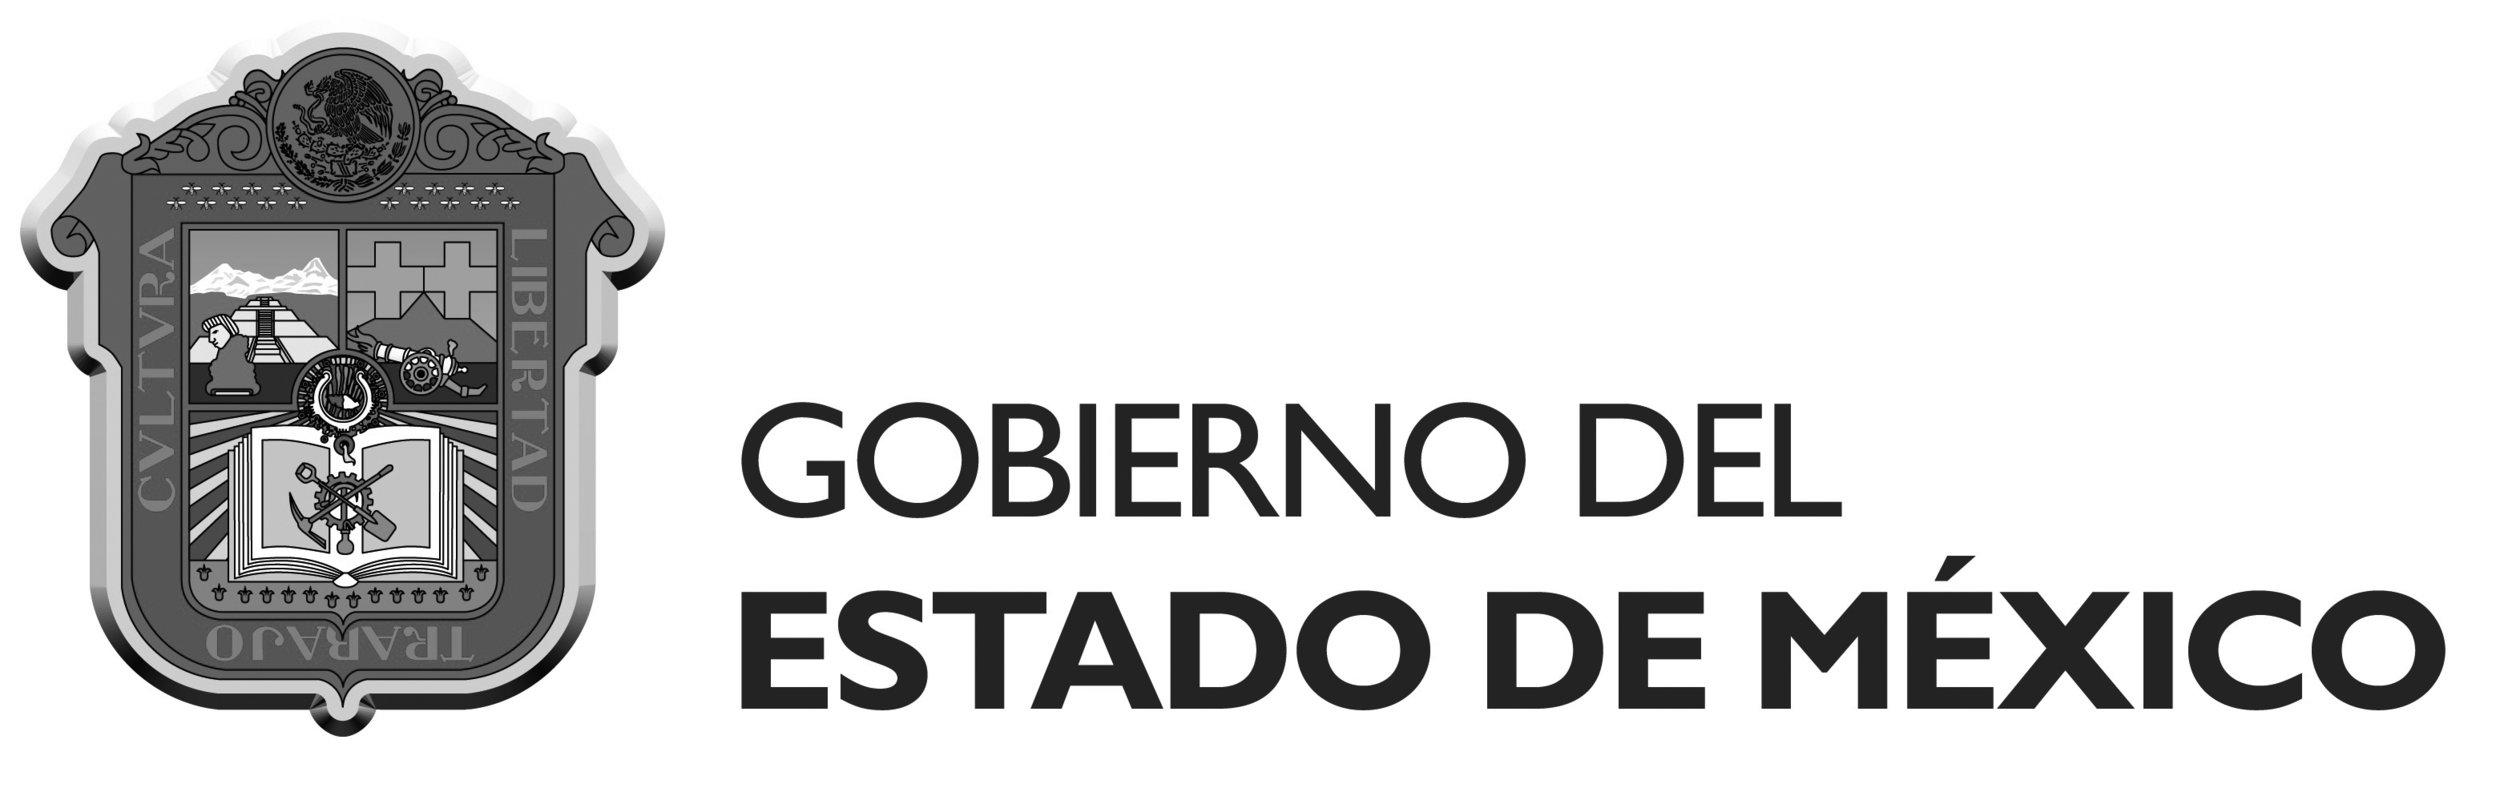 escudoedomex.jpg